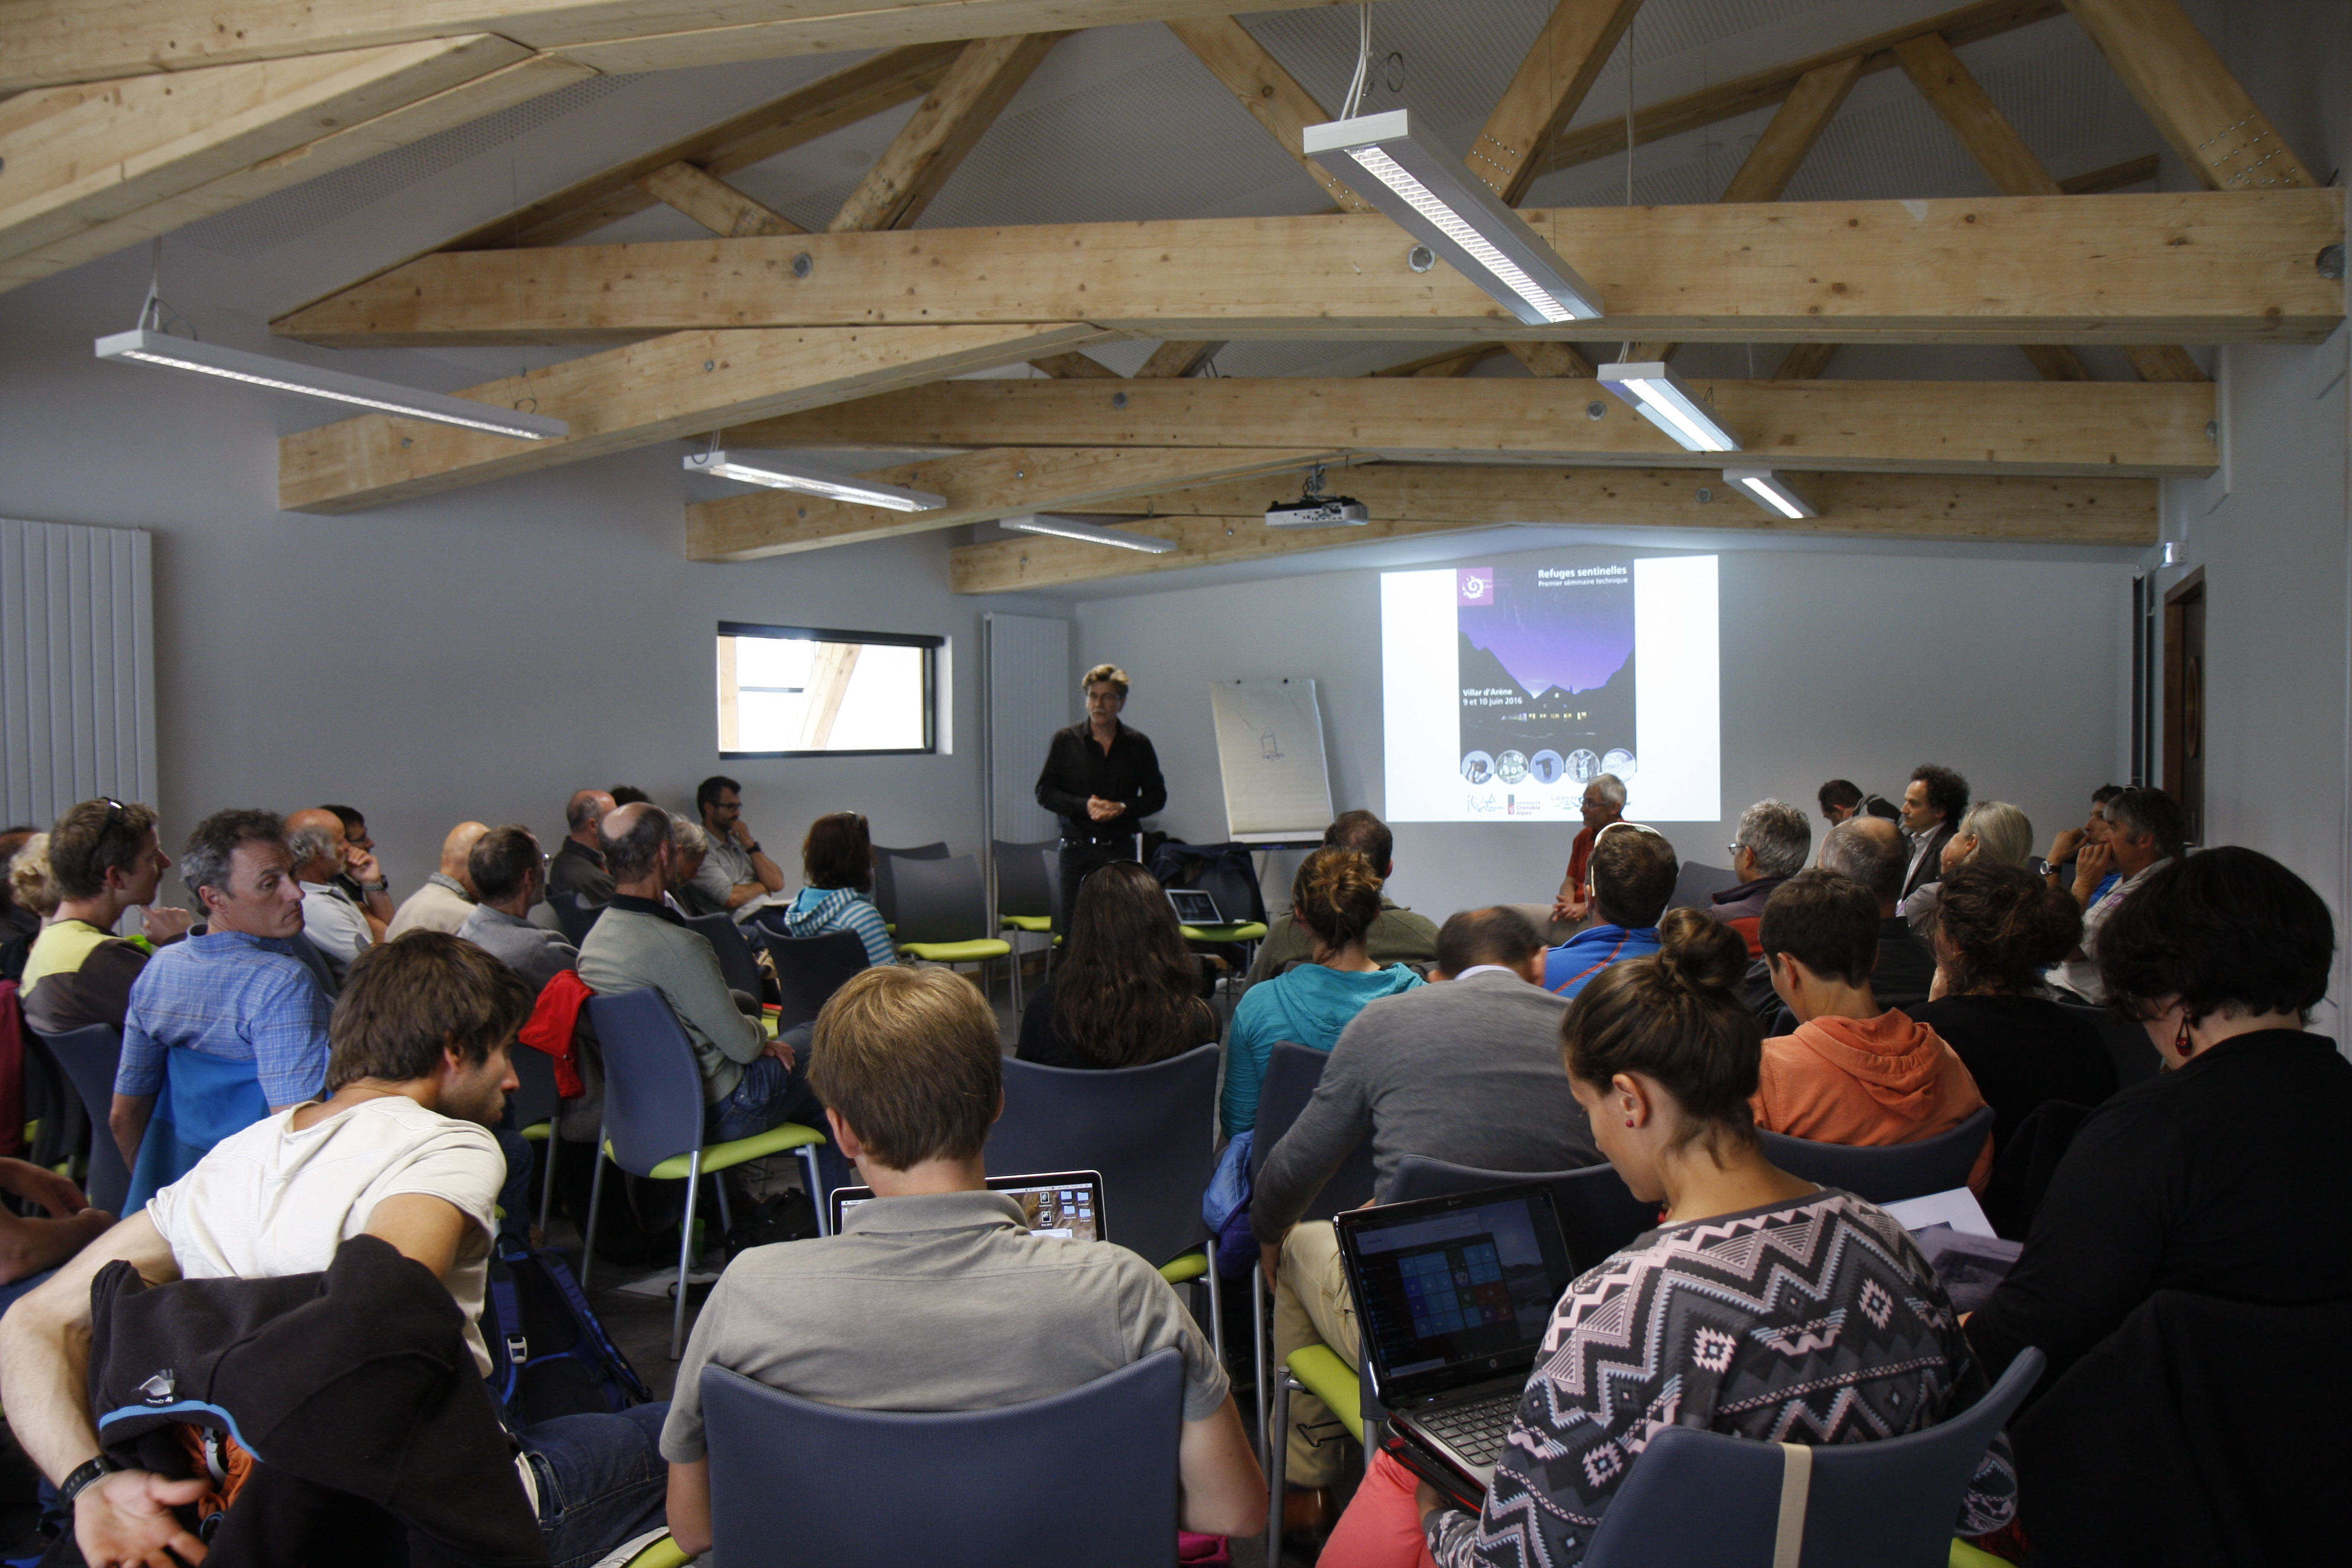 Séminaire de co-construction des questions de recherche avec les partenaires socio-professionnels et académiques du dispositif  - Juin 2016 - Jardin alpin du Lautaret -